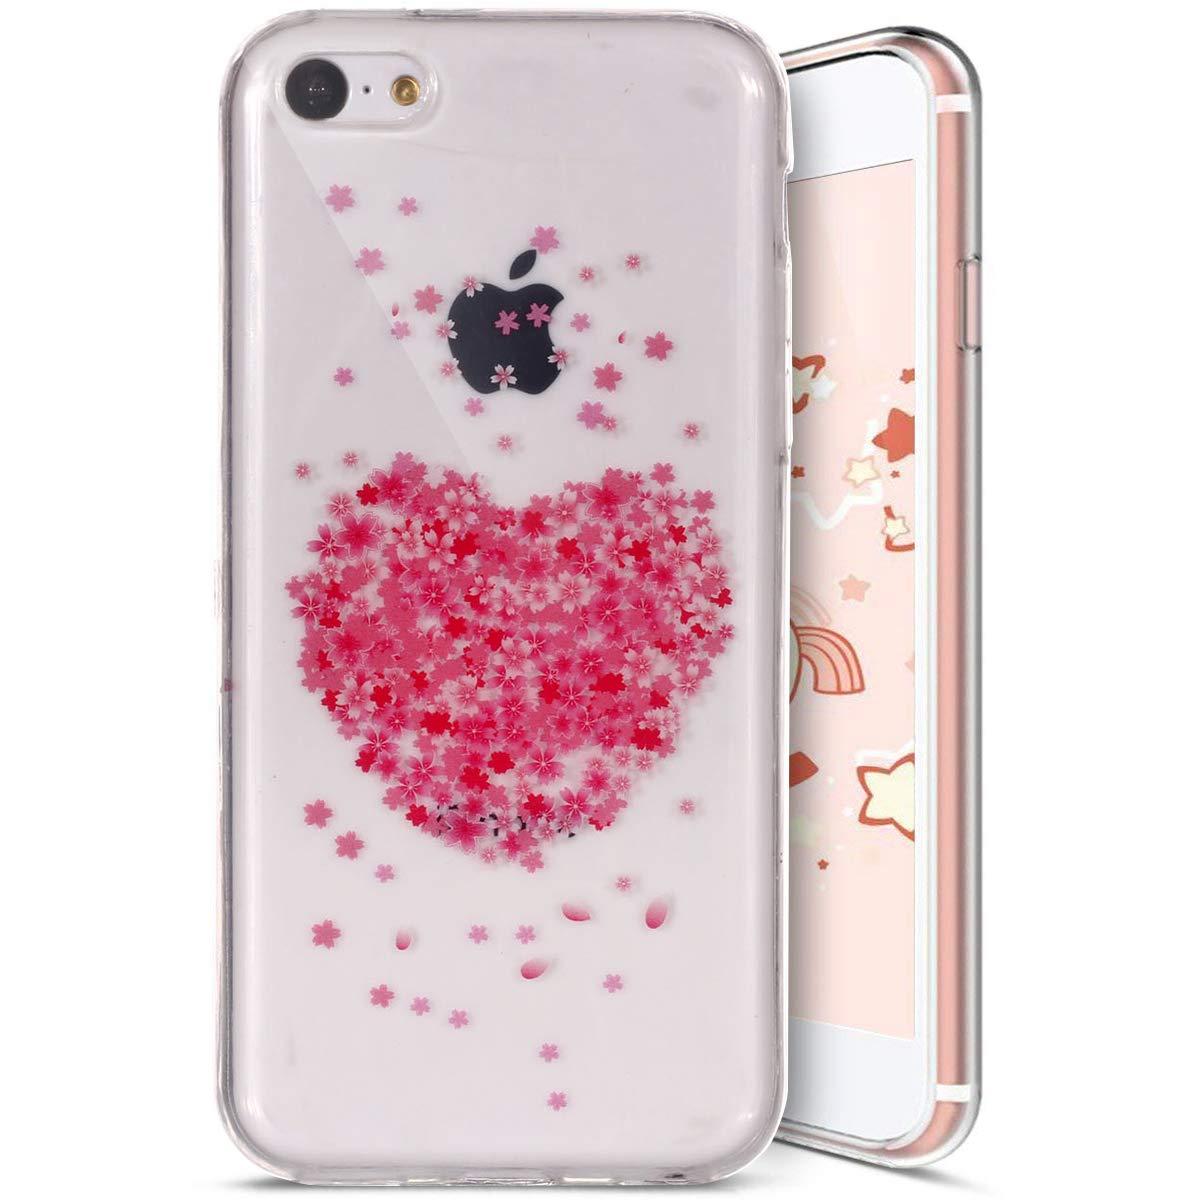 Ysimee Coque iPhone 5C, É tui iPhone 5C Transparent Motif Fleur de Cerisier Ultra Mince et Lé ger Silicone Souple Housse Semi Hybrid Crystal Clear TPU Flexible Coque pour iPhone 5C, Fleur#1